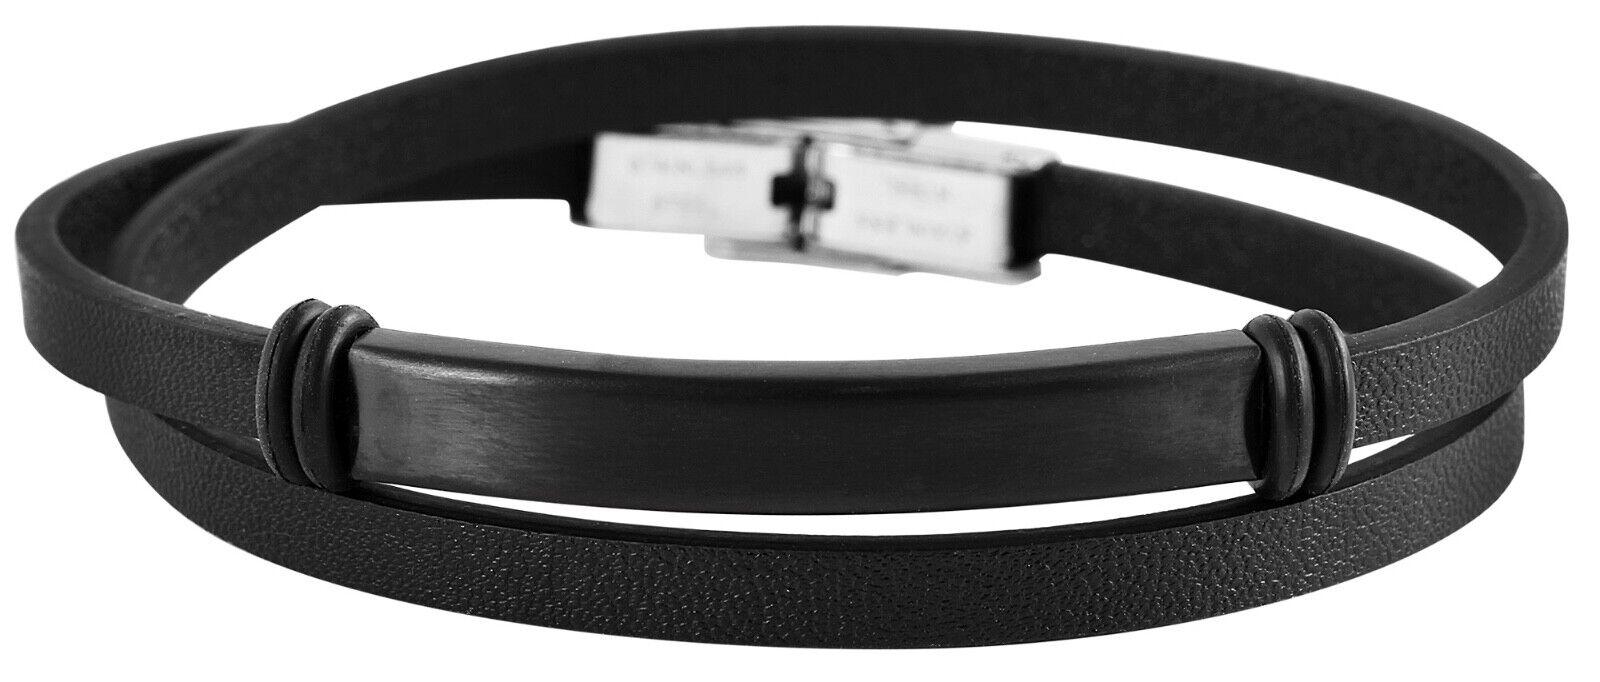 Wickelarmband - Modell 5